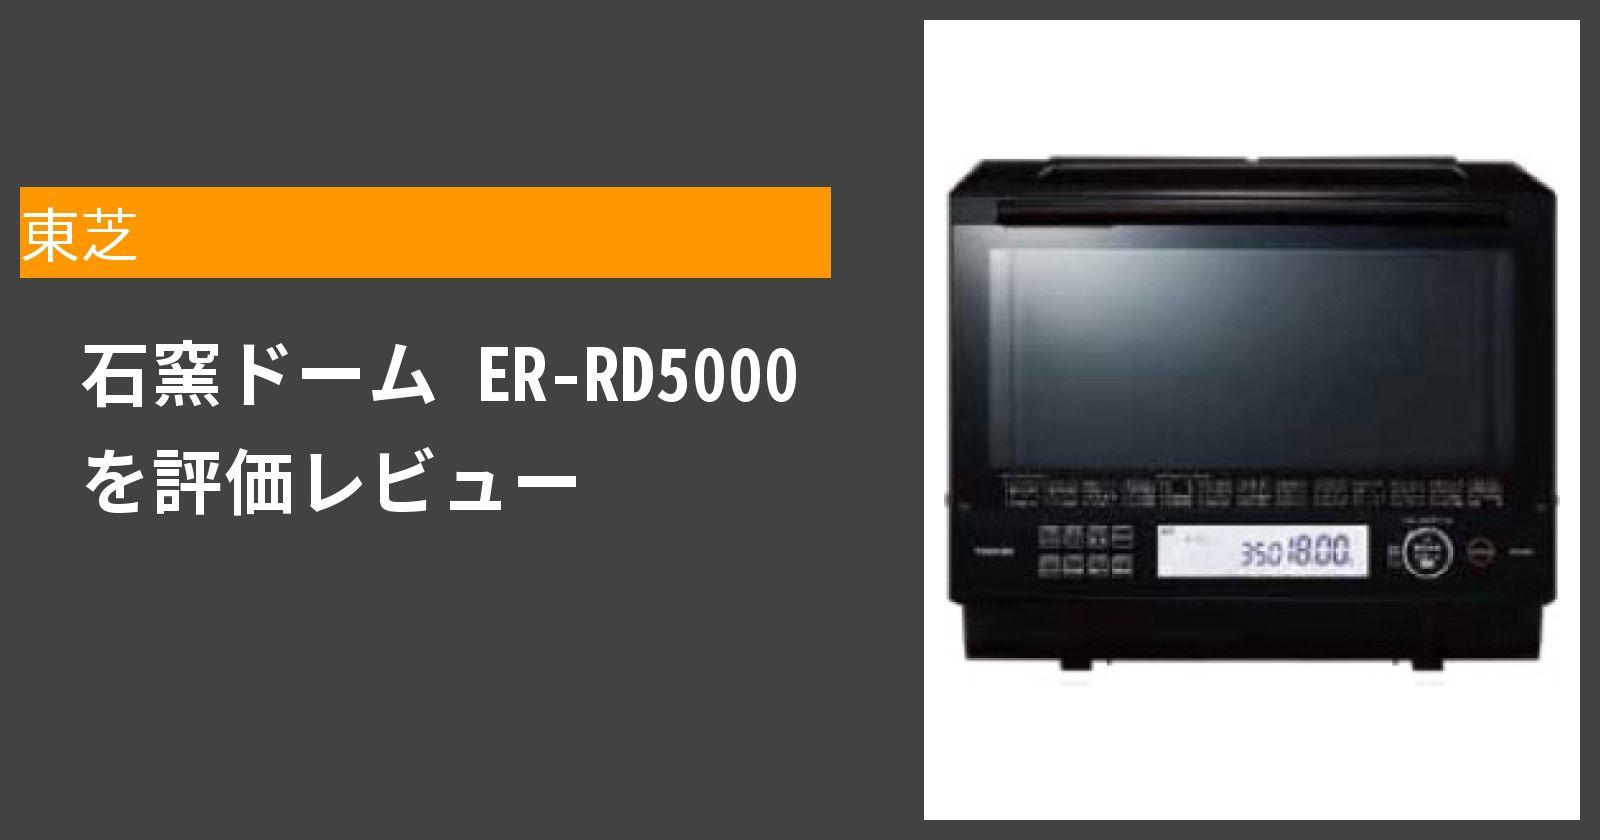 石窯ドーム ER-RD5000を徹底評価